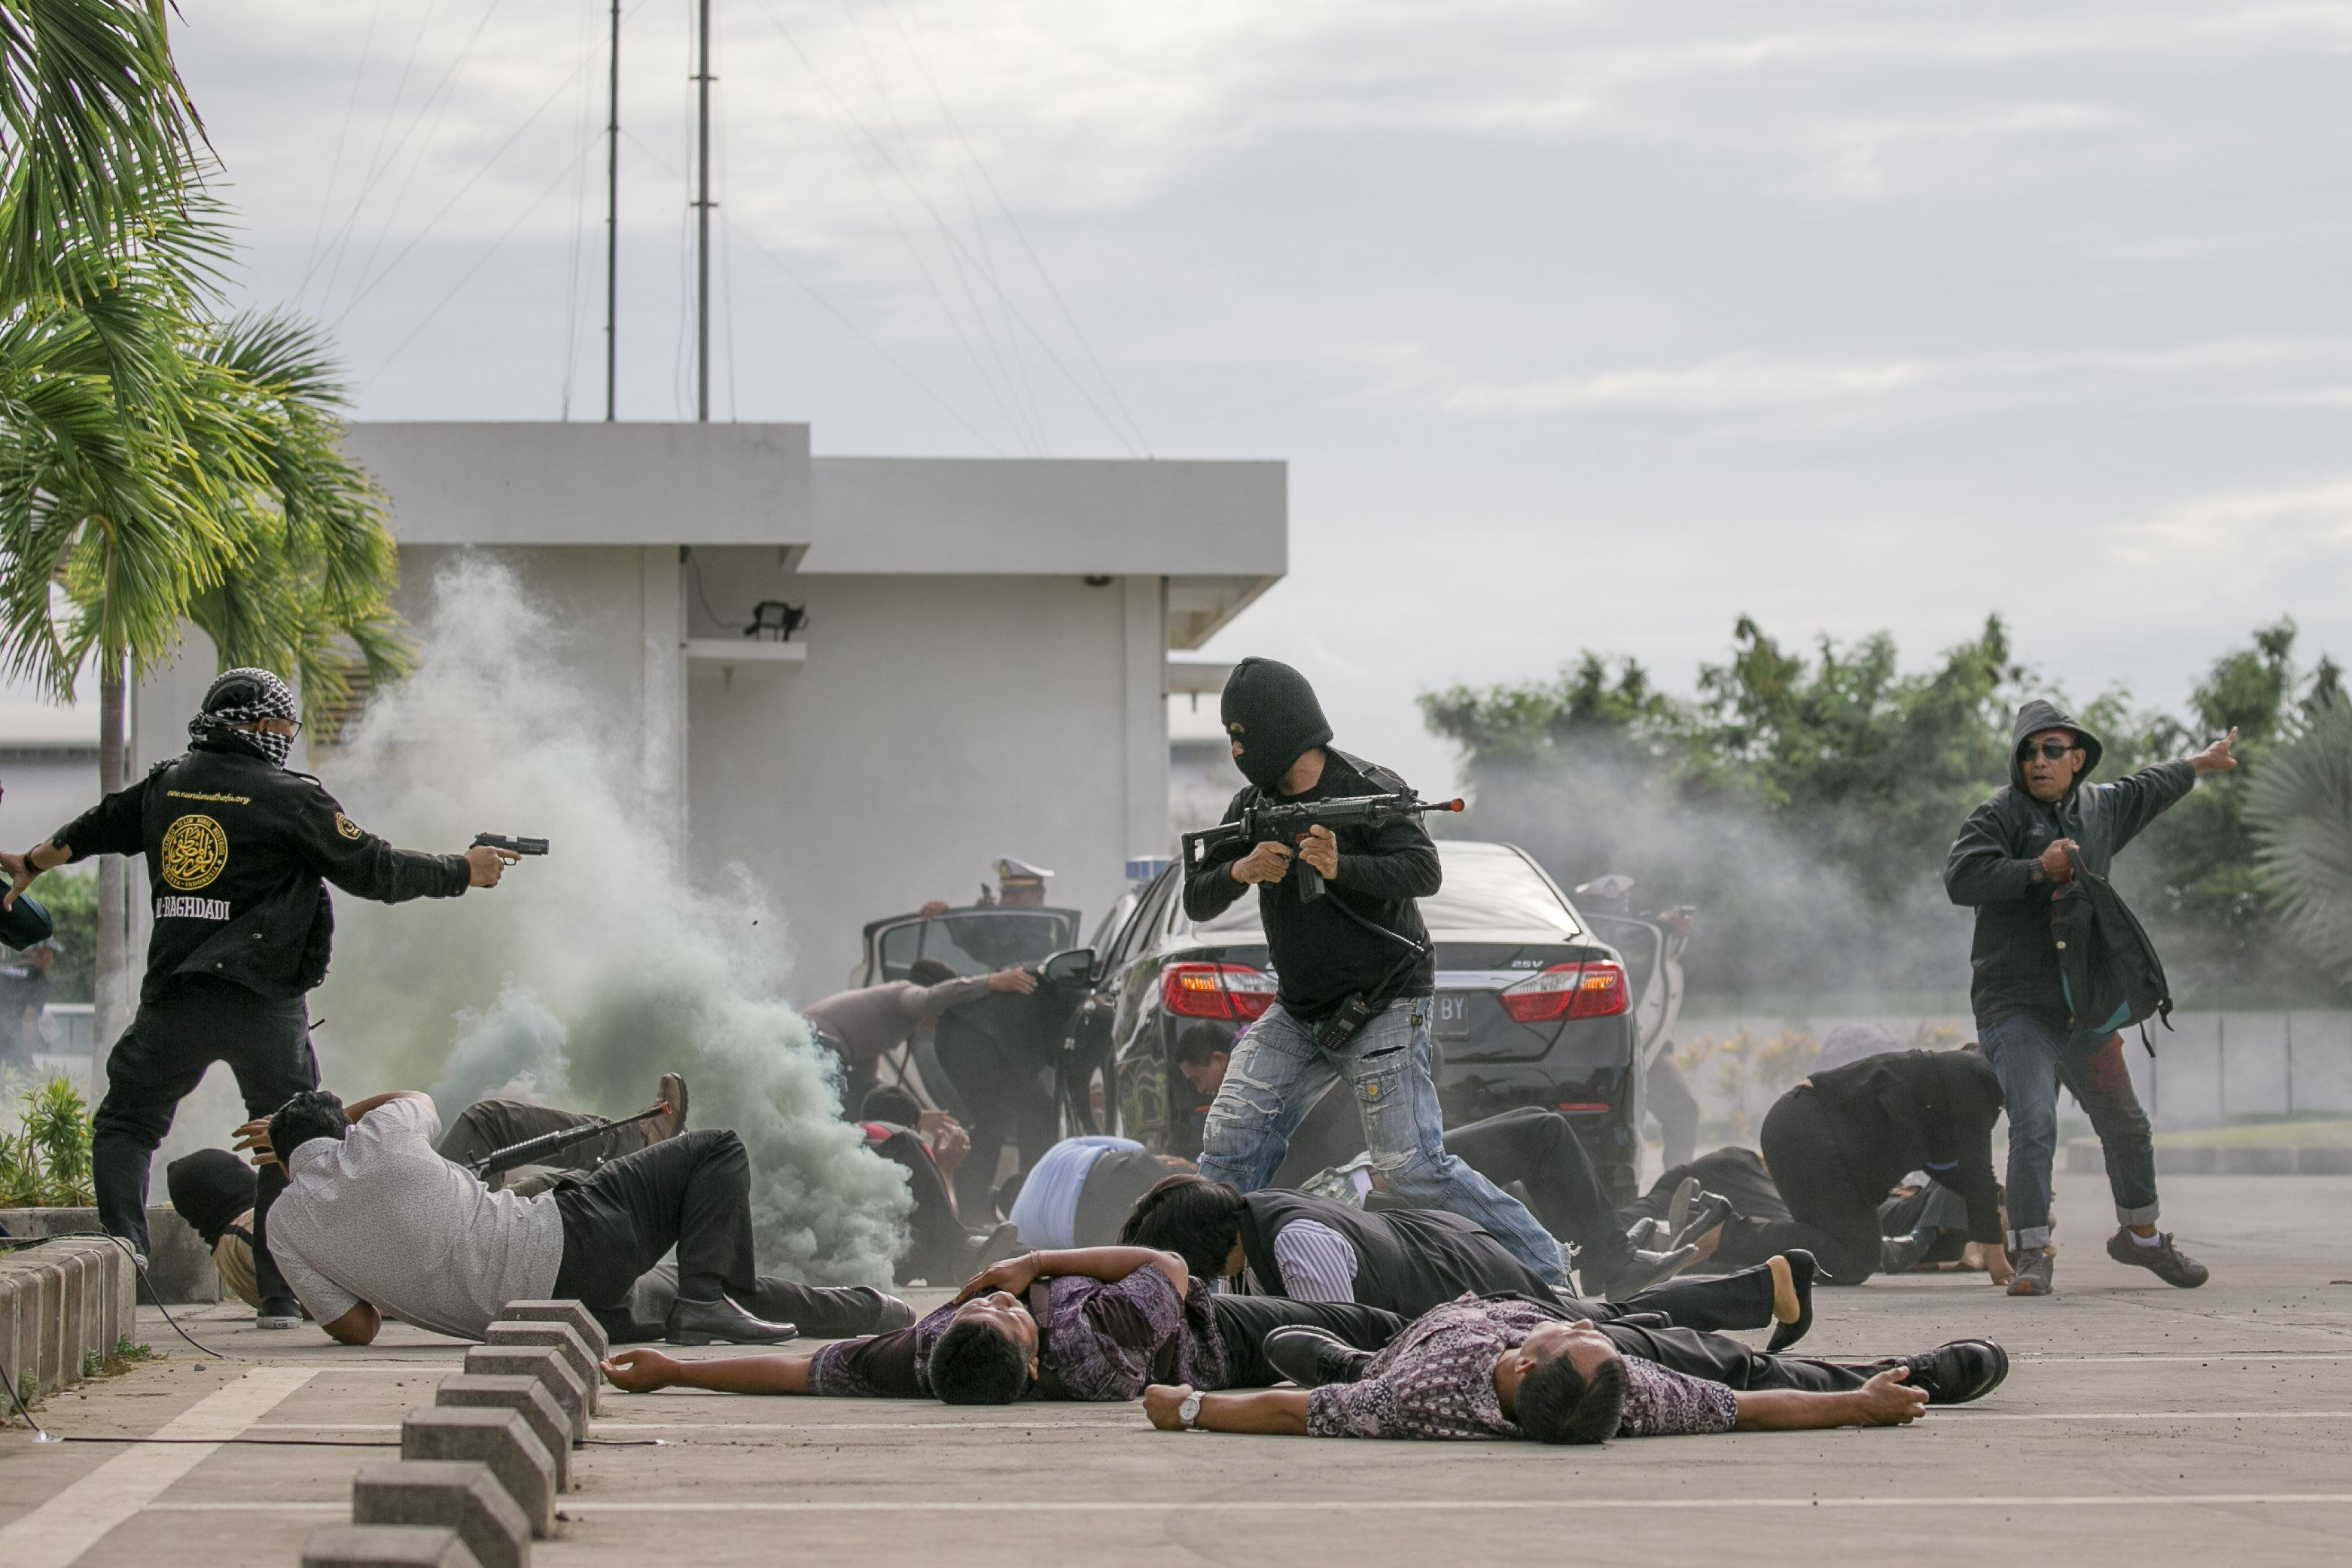 La policia d'indonèsia demostra les seves habilitats antiterroristes en un simulacre de seguretat a l'Aeroport Internacional de Bali, a Denpasar (Indonèsia). /MADE NAGI